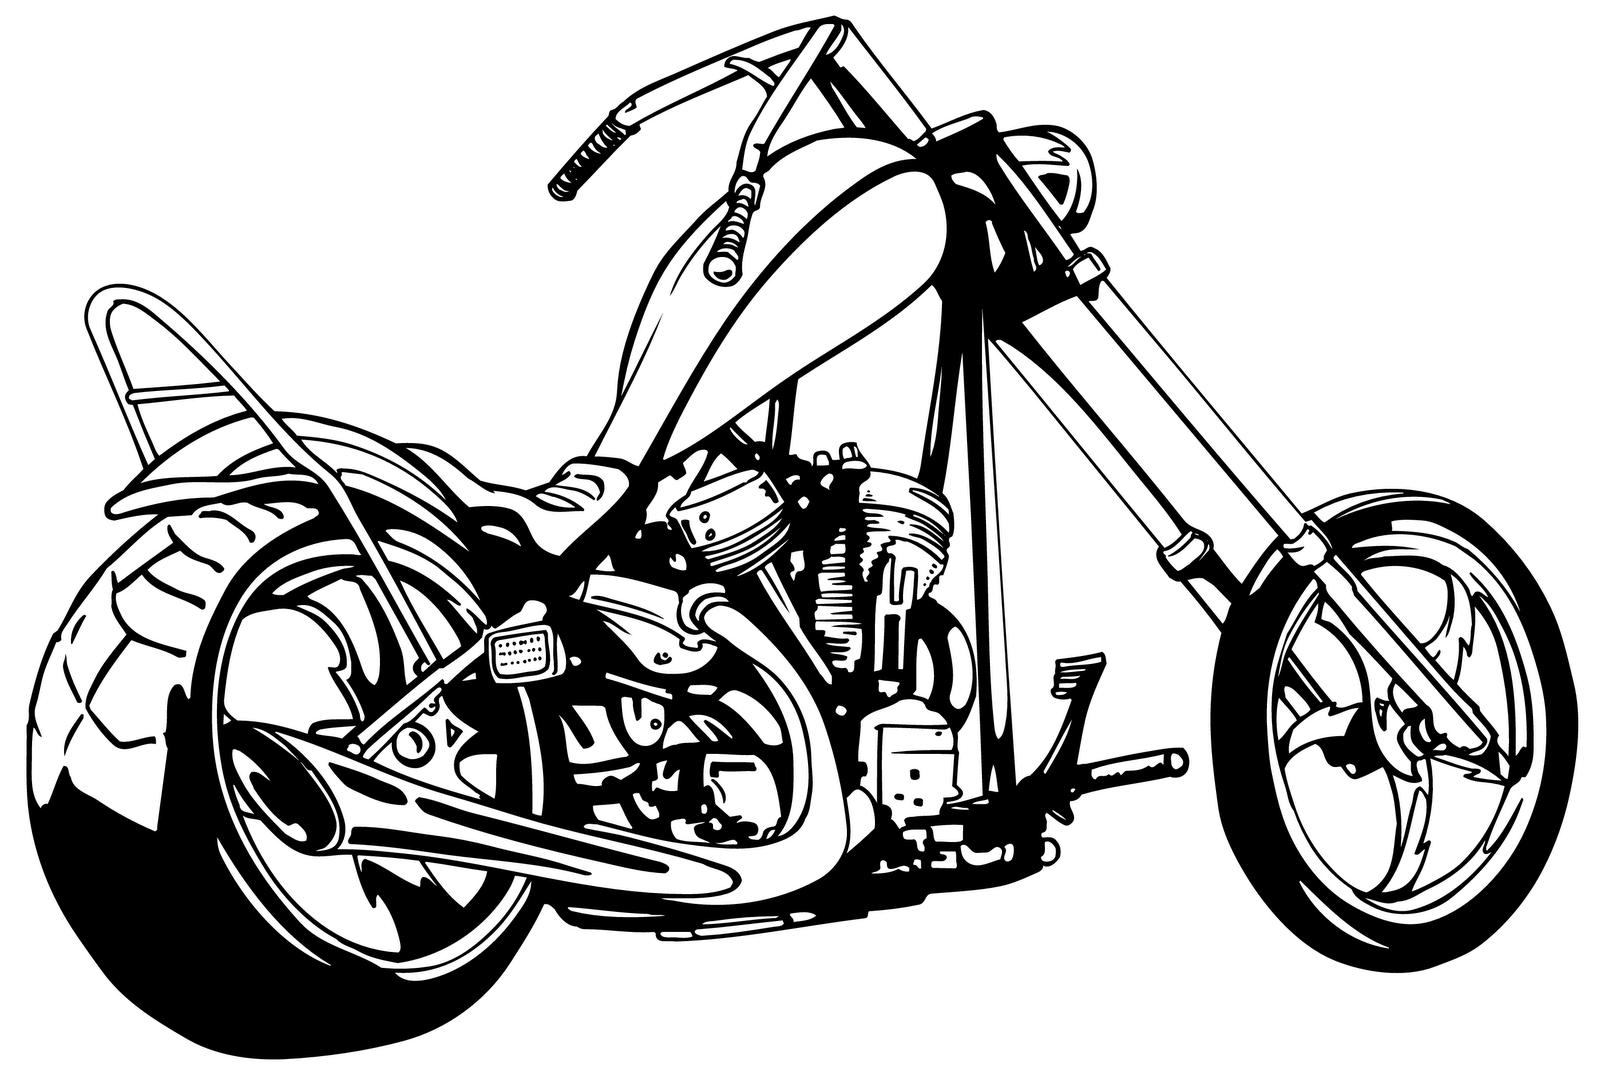 biker clipart - photo #39